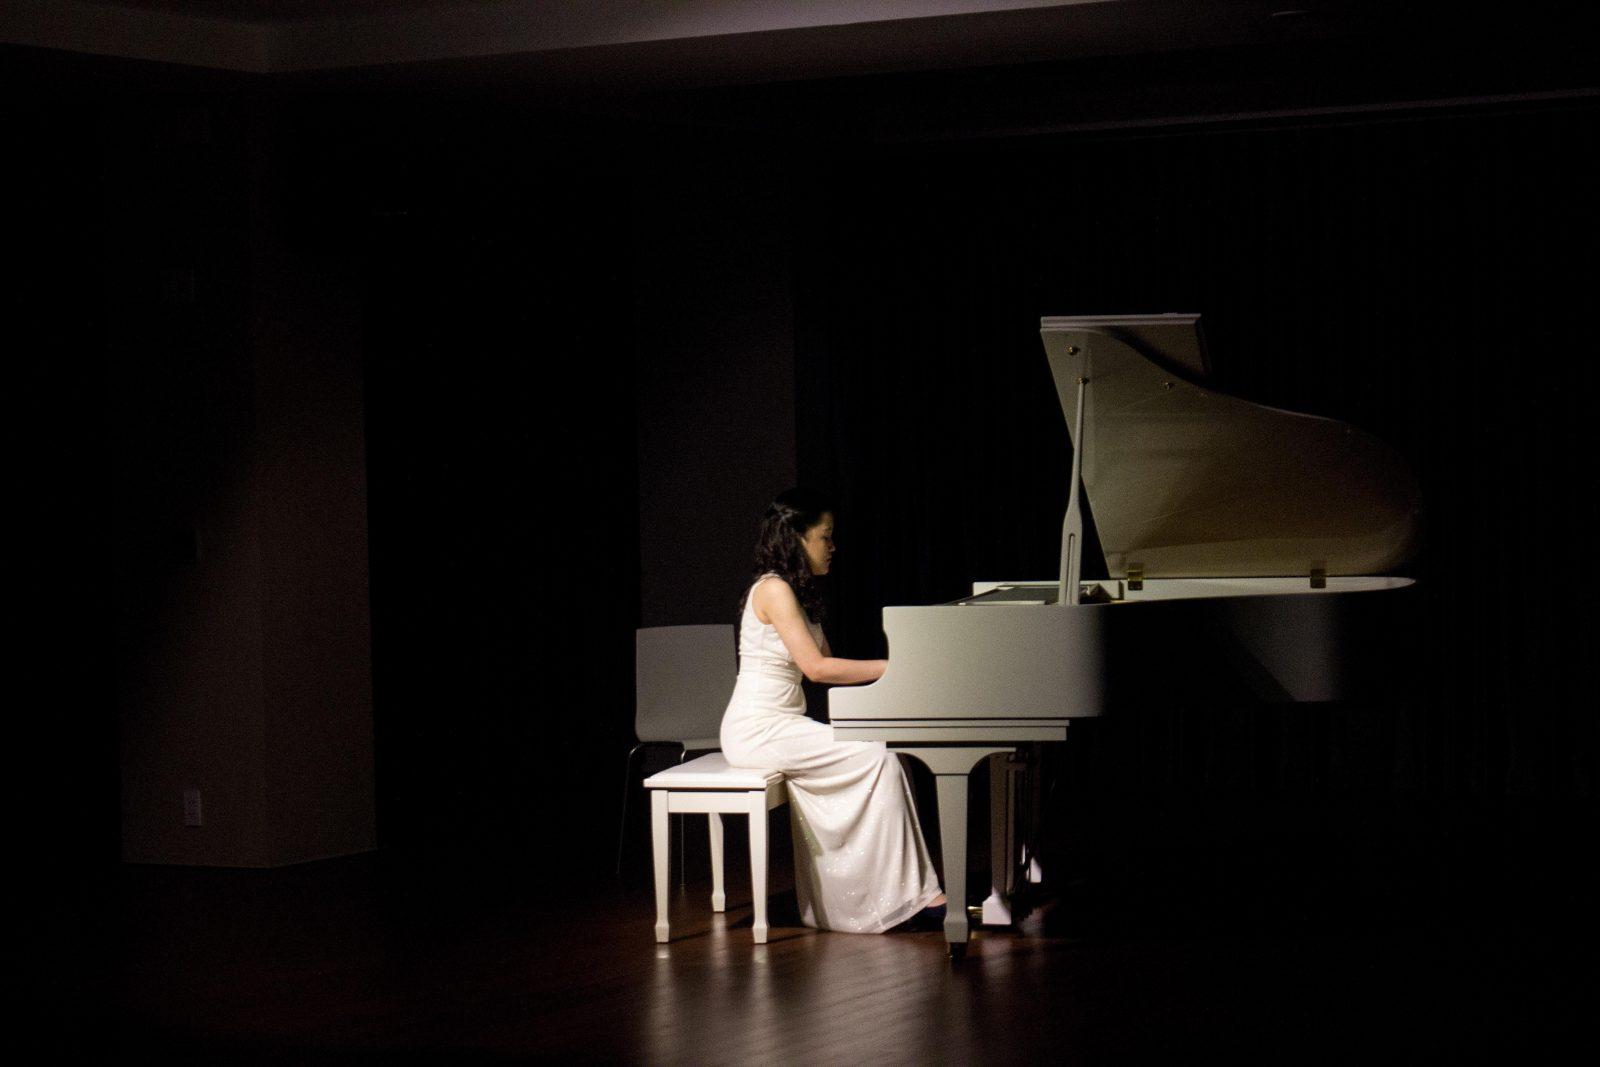 pianiste-en-concert-mieux-jouer-en-public